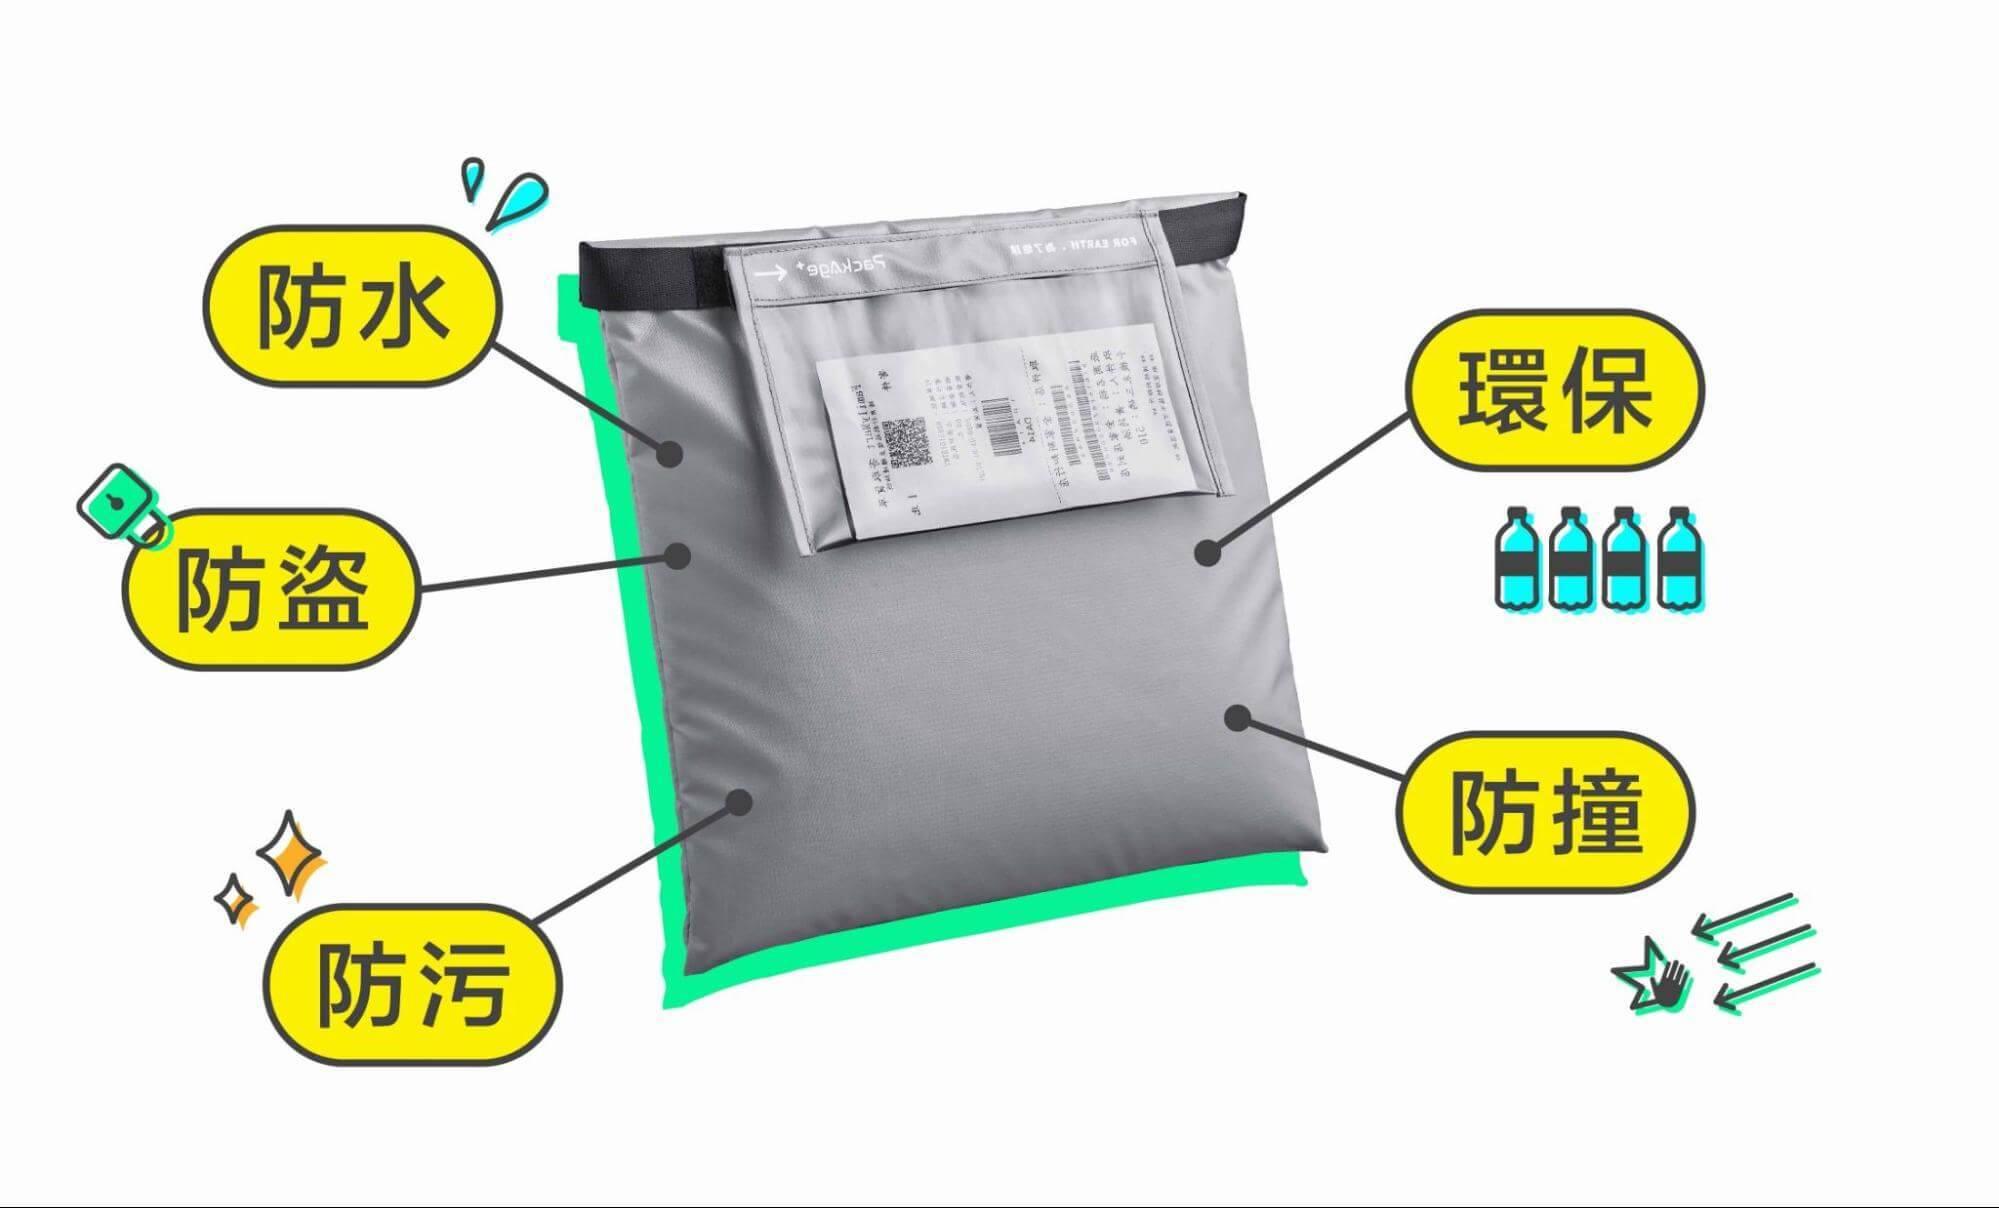 配客嘉循環包裝內附緩衝材「專利棉墊夾層」